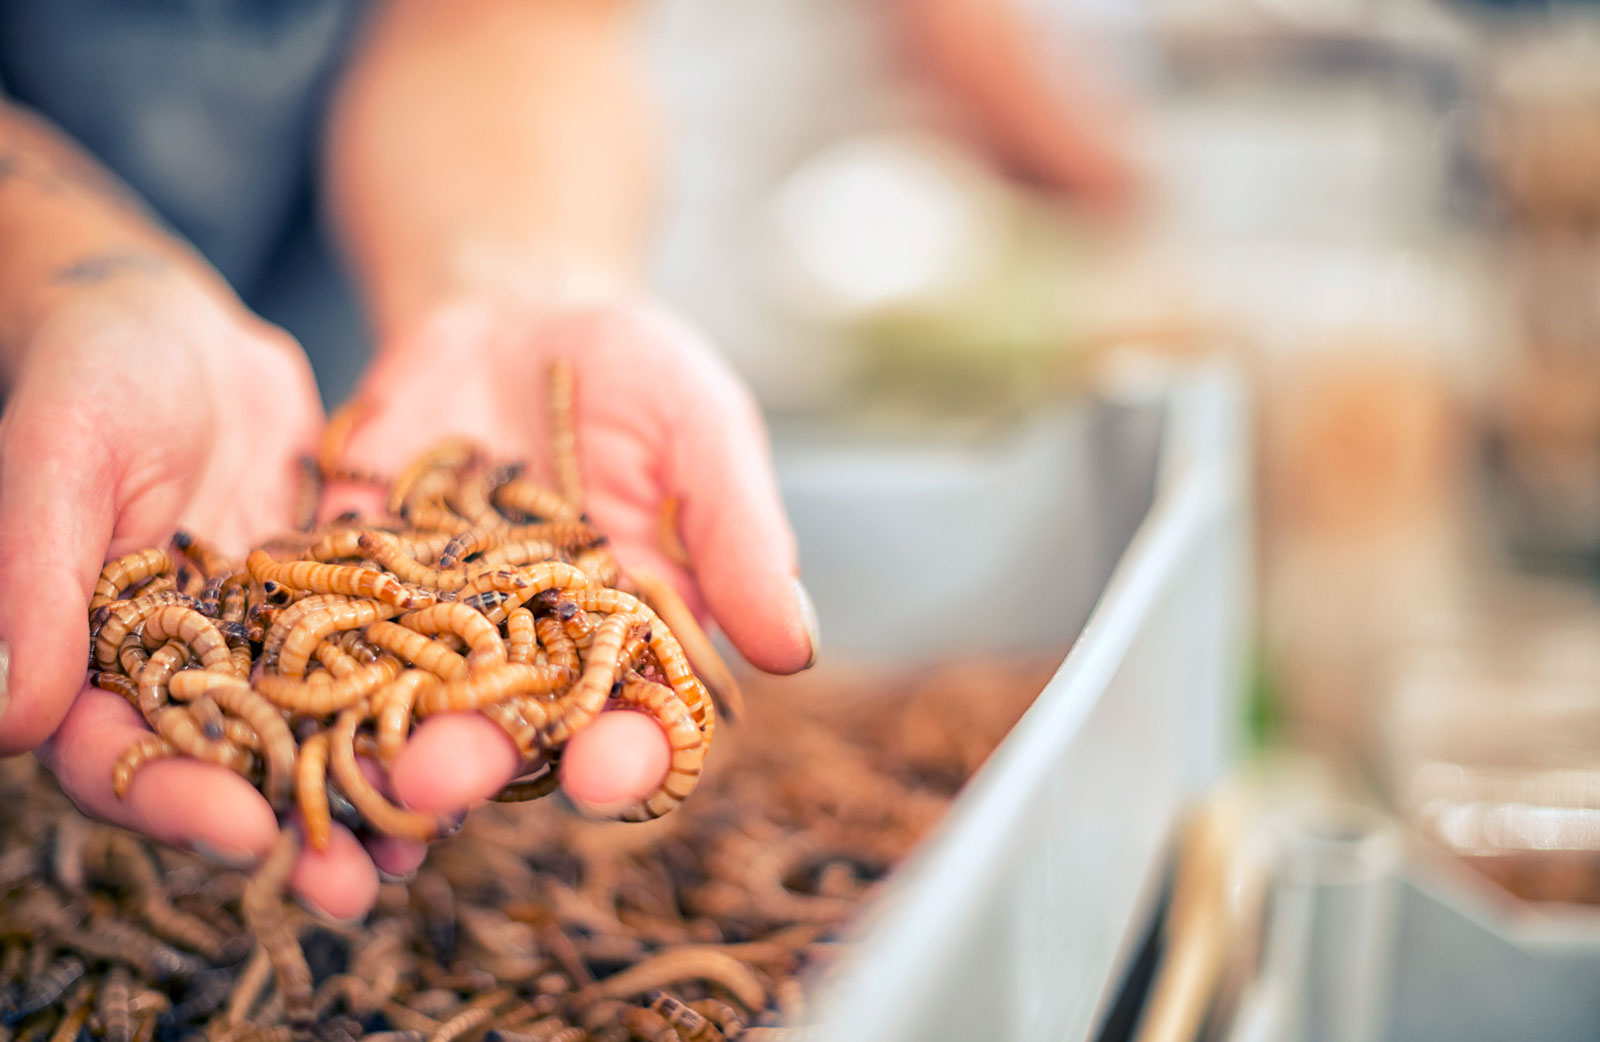 Die Larven des Großen Schwarzkäfers werden als Zophobas oder Superworms vermarktet.